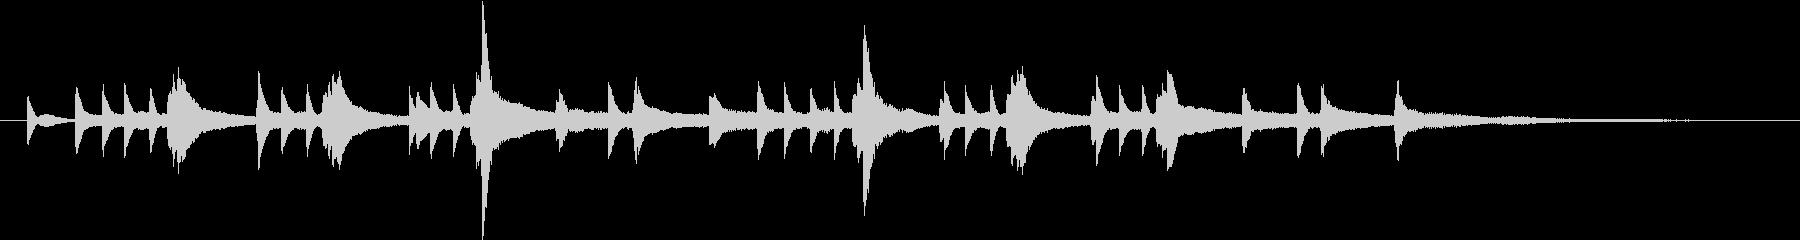 ピアノの綺麗なインストの未再生の波形